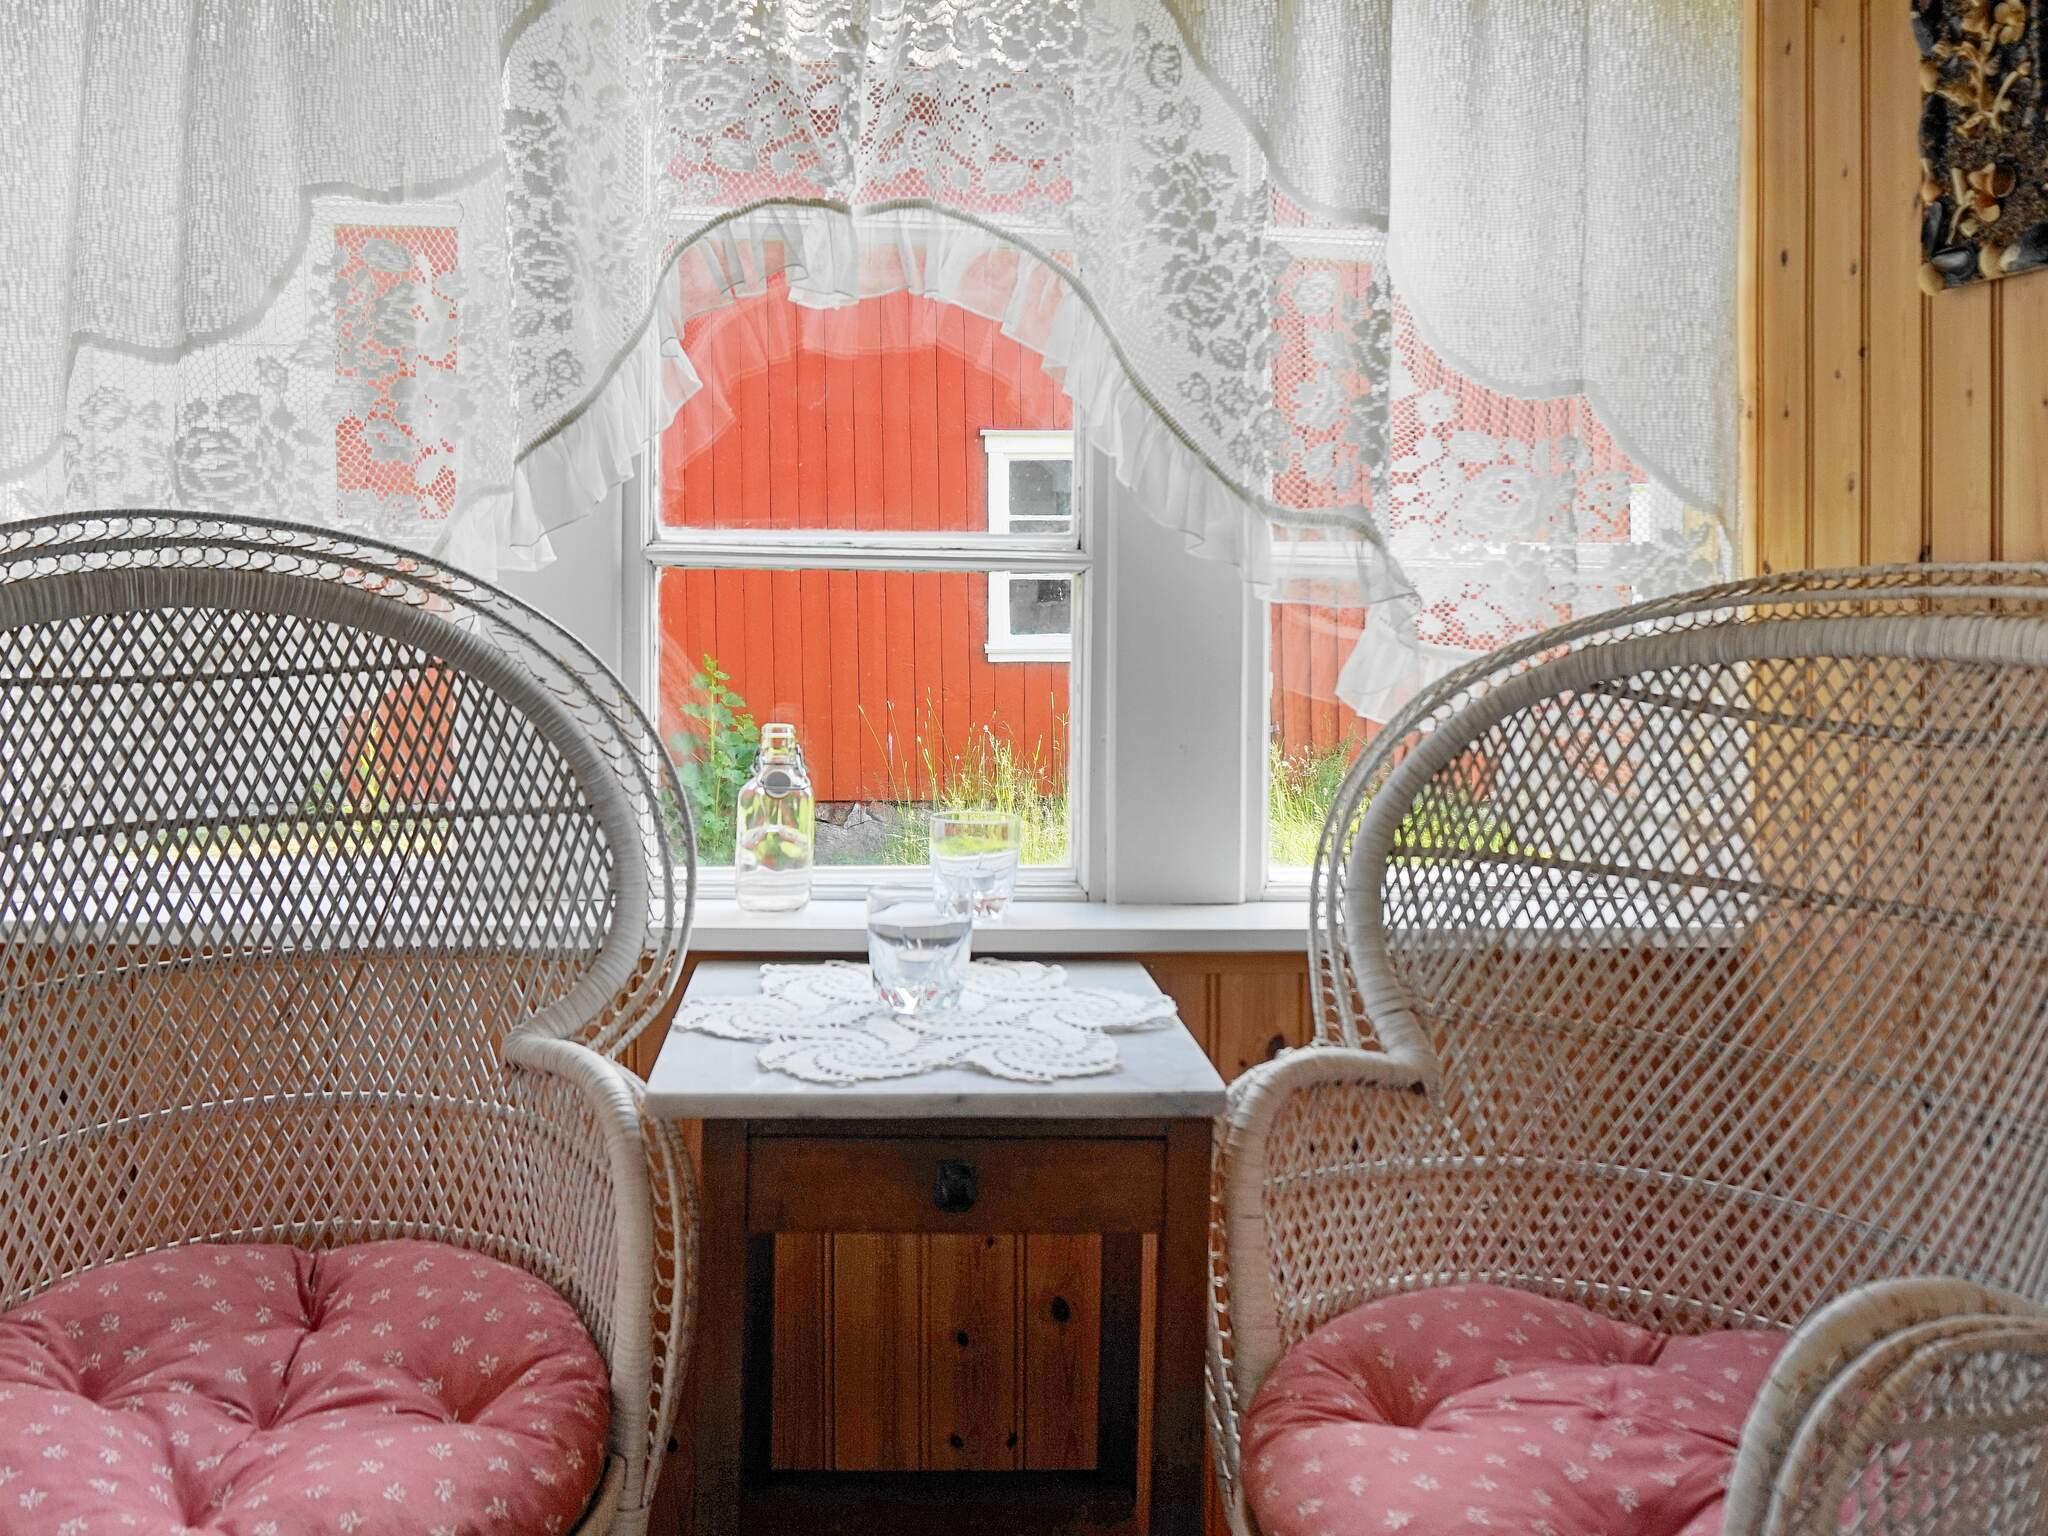 Ferienhaus Orust/Tegneby (2636850), Tegneby, Västra Götaland län, Westschweden, Schweden, Bild 8